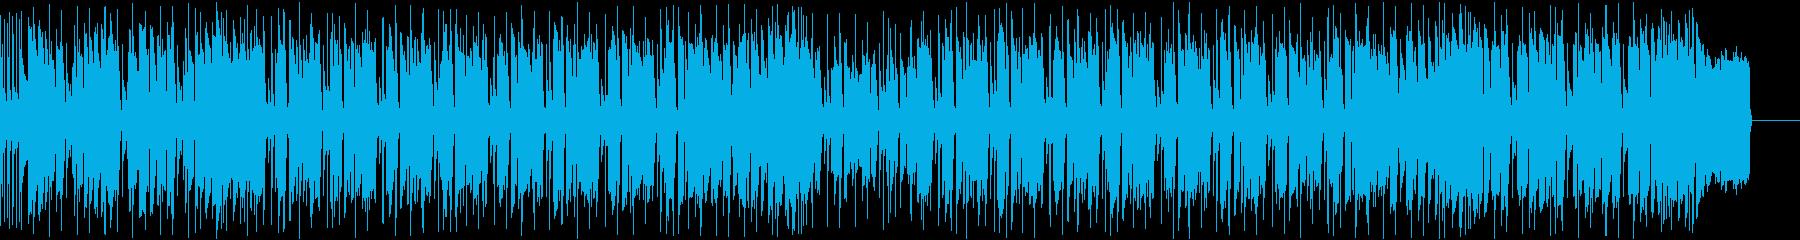 ダンディ・緊迫・パニック・男らしいの再生済みの波形